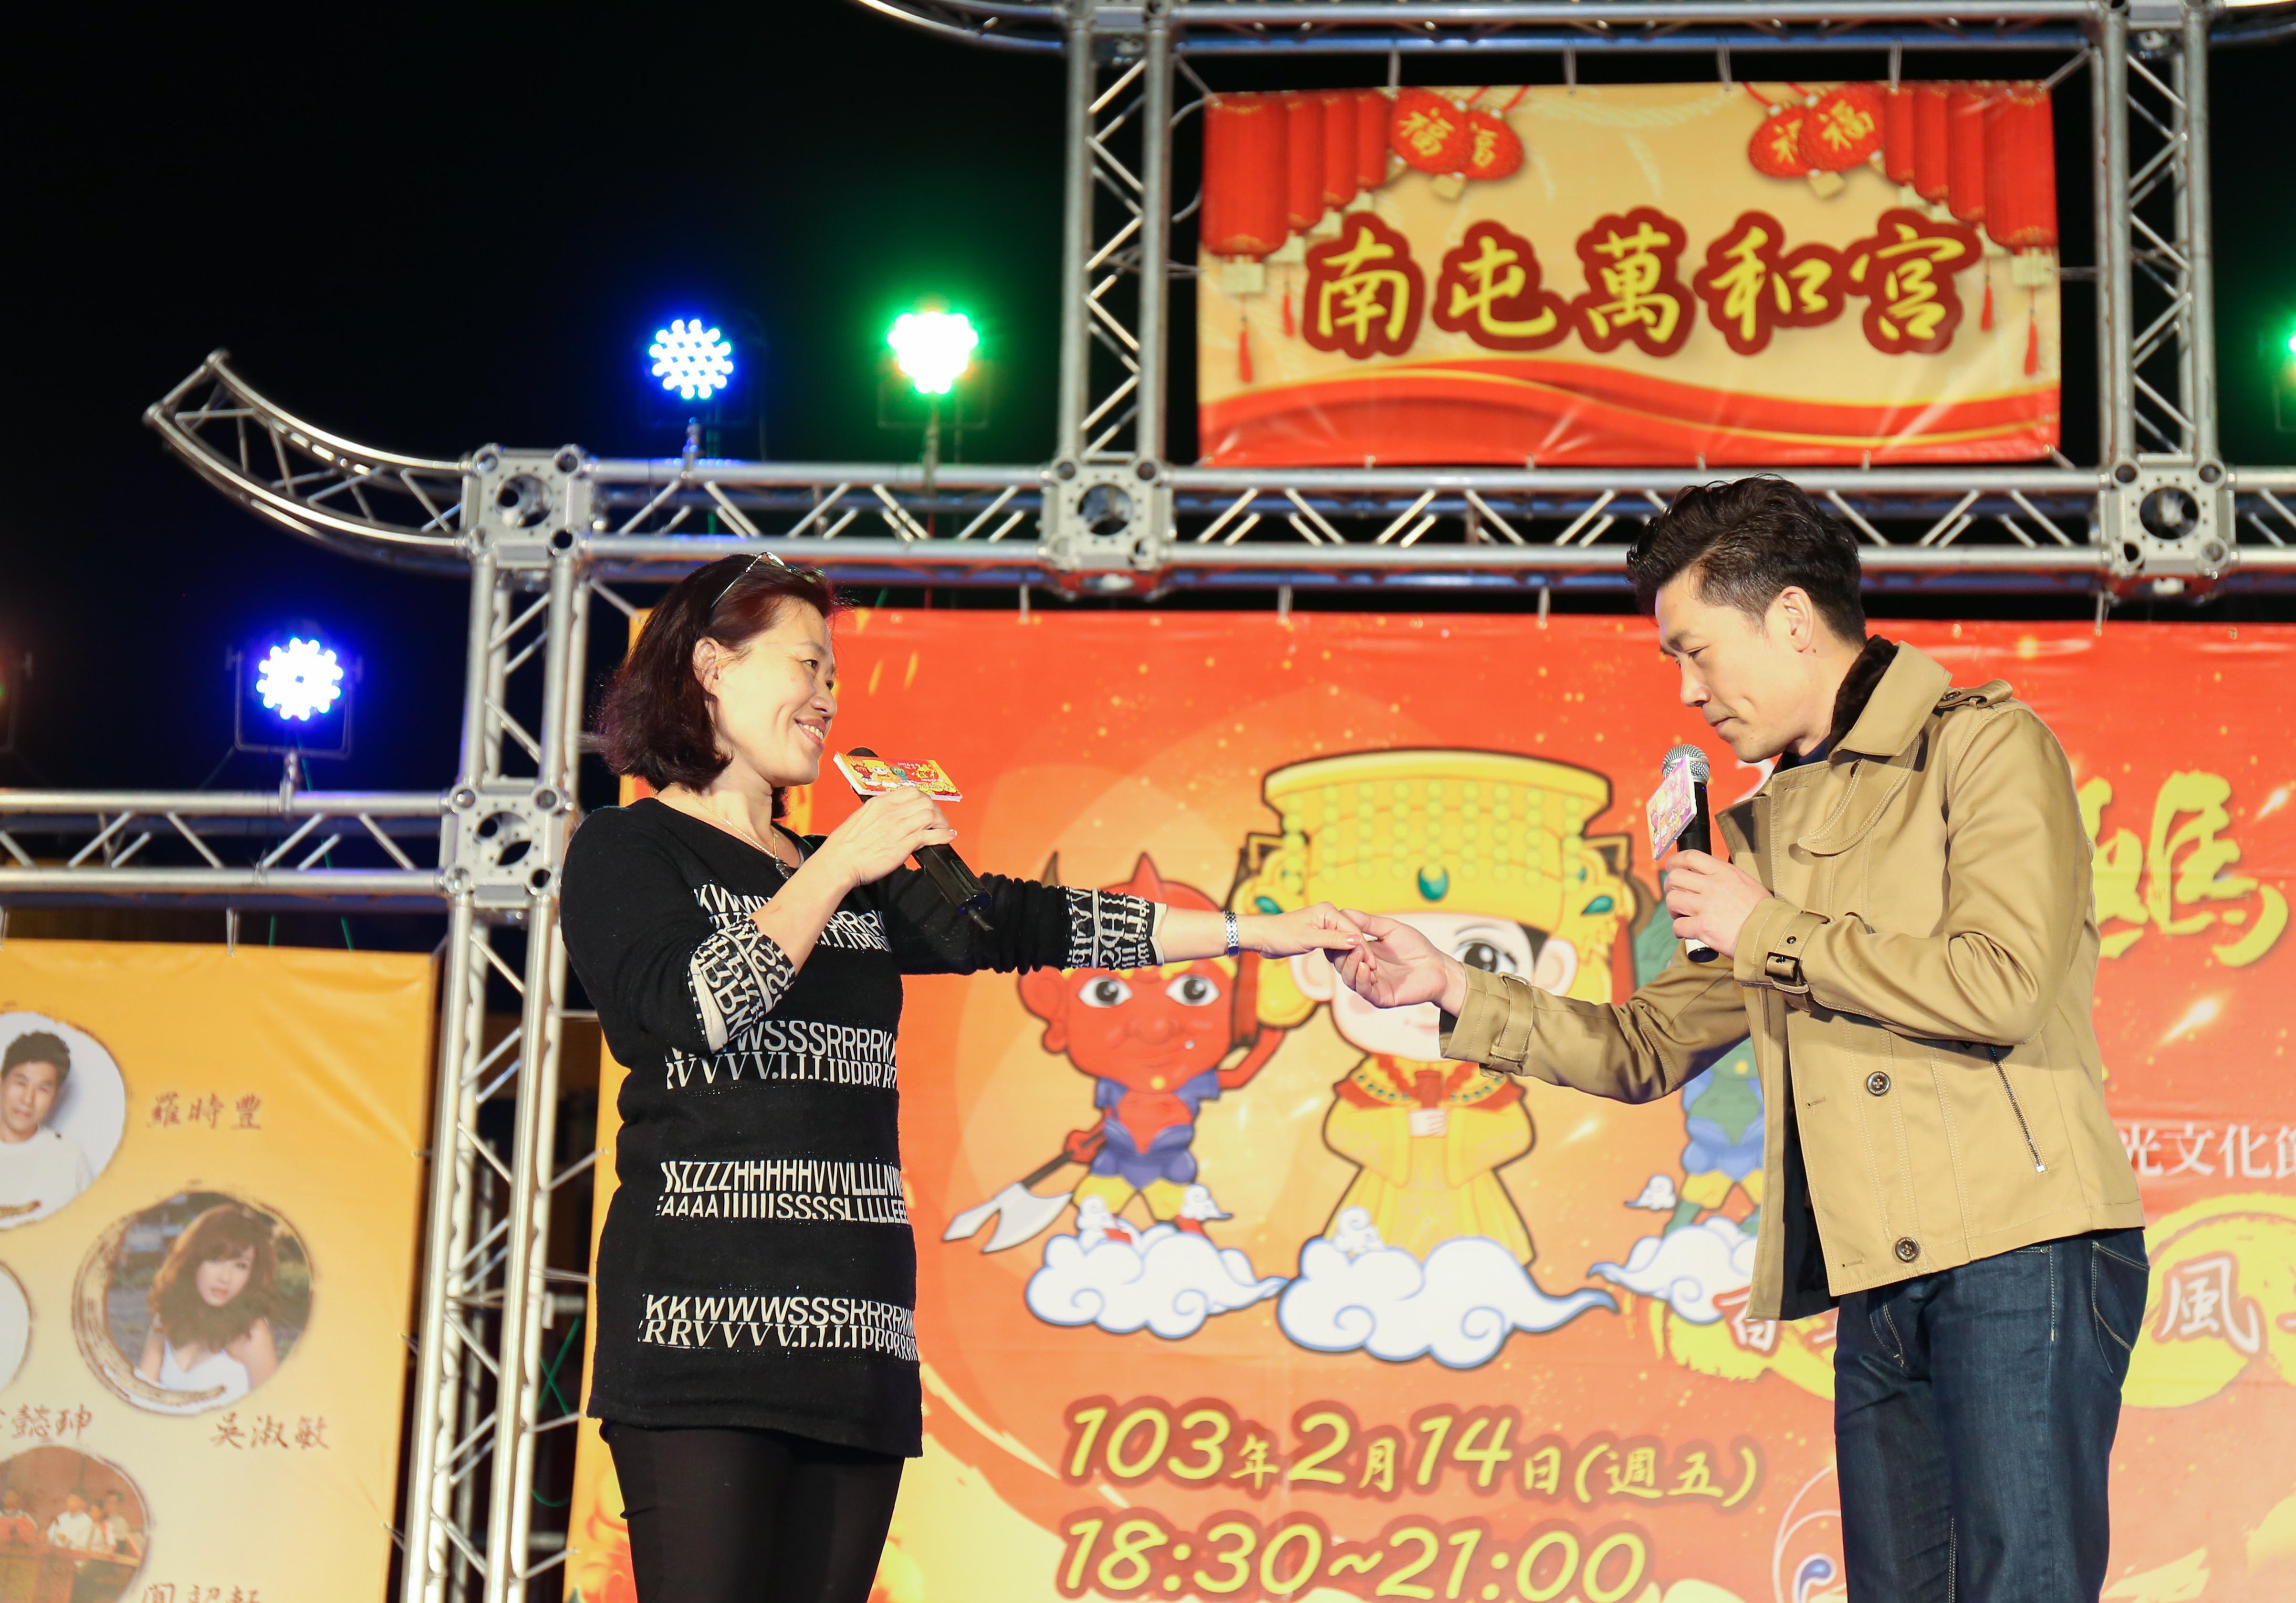 台中媽祖國際觀光文化節在萬和宮,台中婚錄推薦19